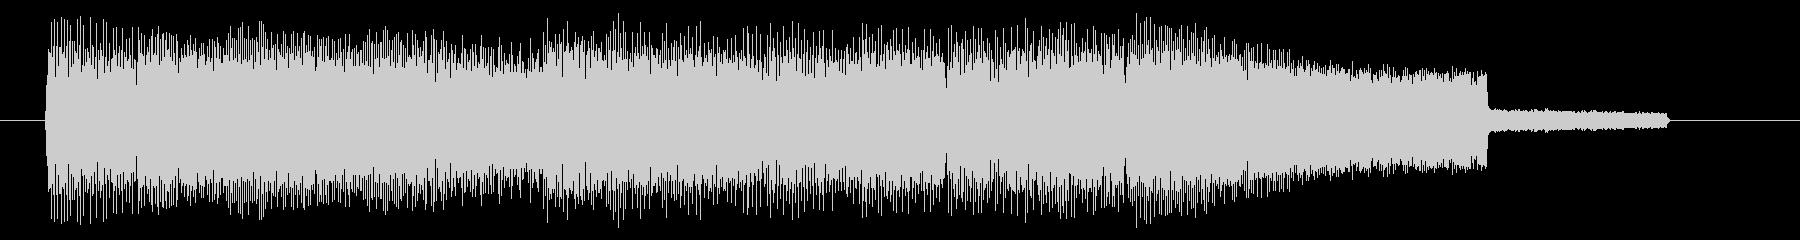 NES レース A05-1(クリア1)の未再生の波形